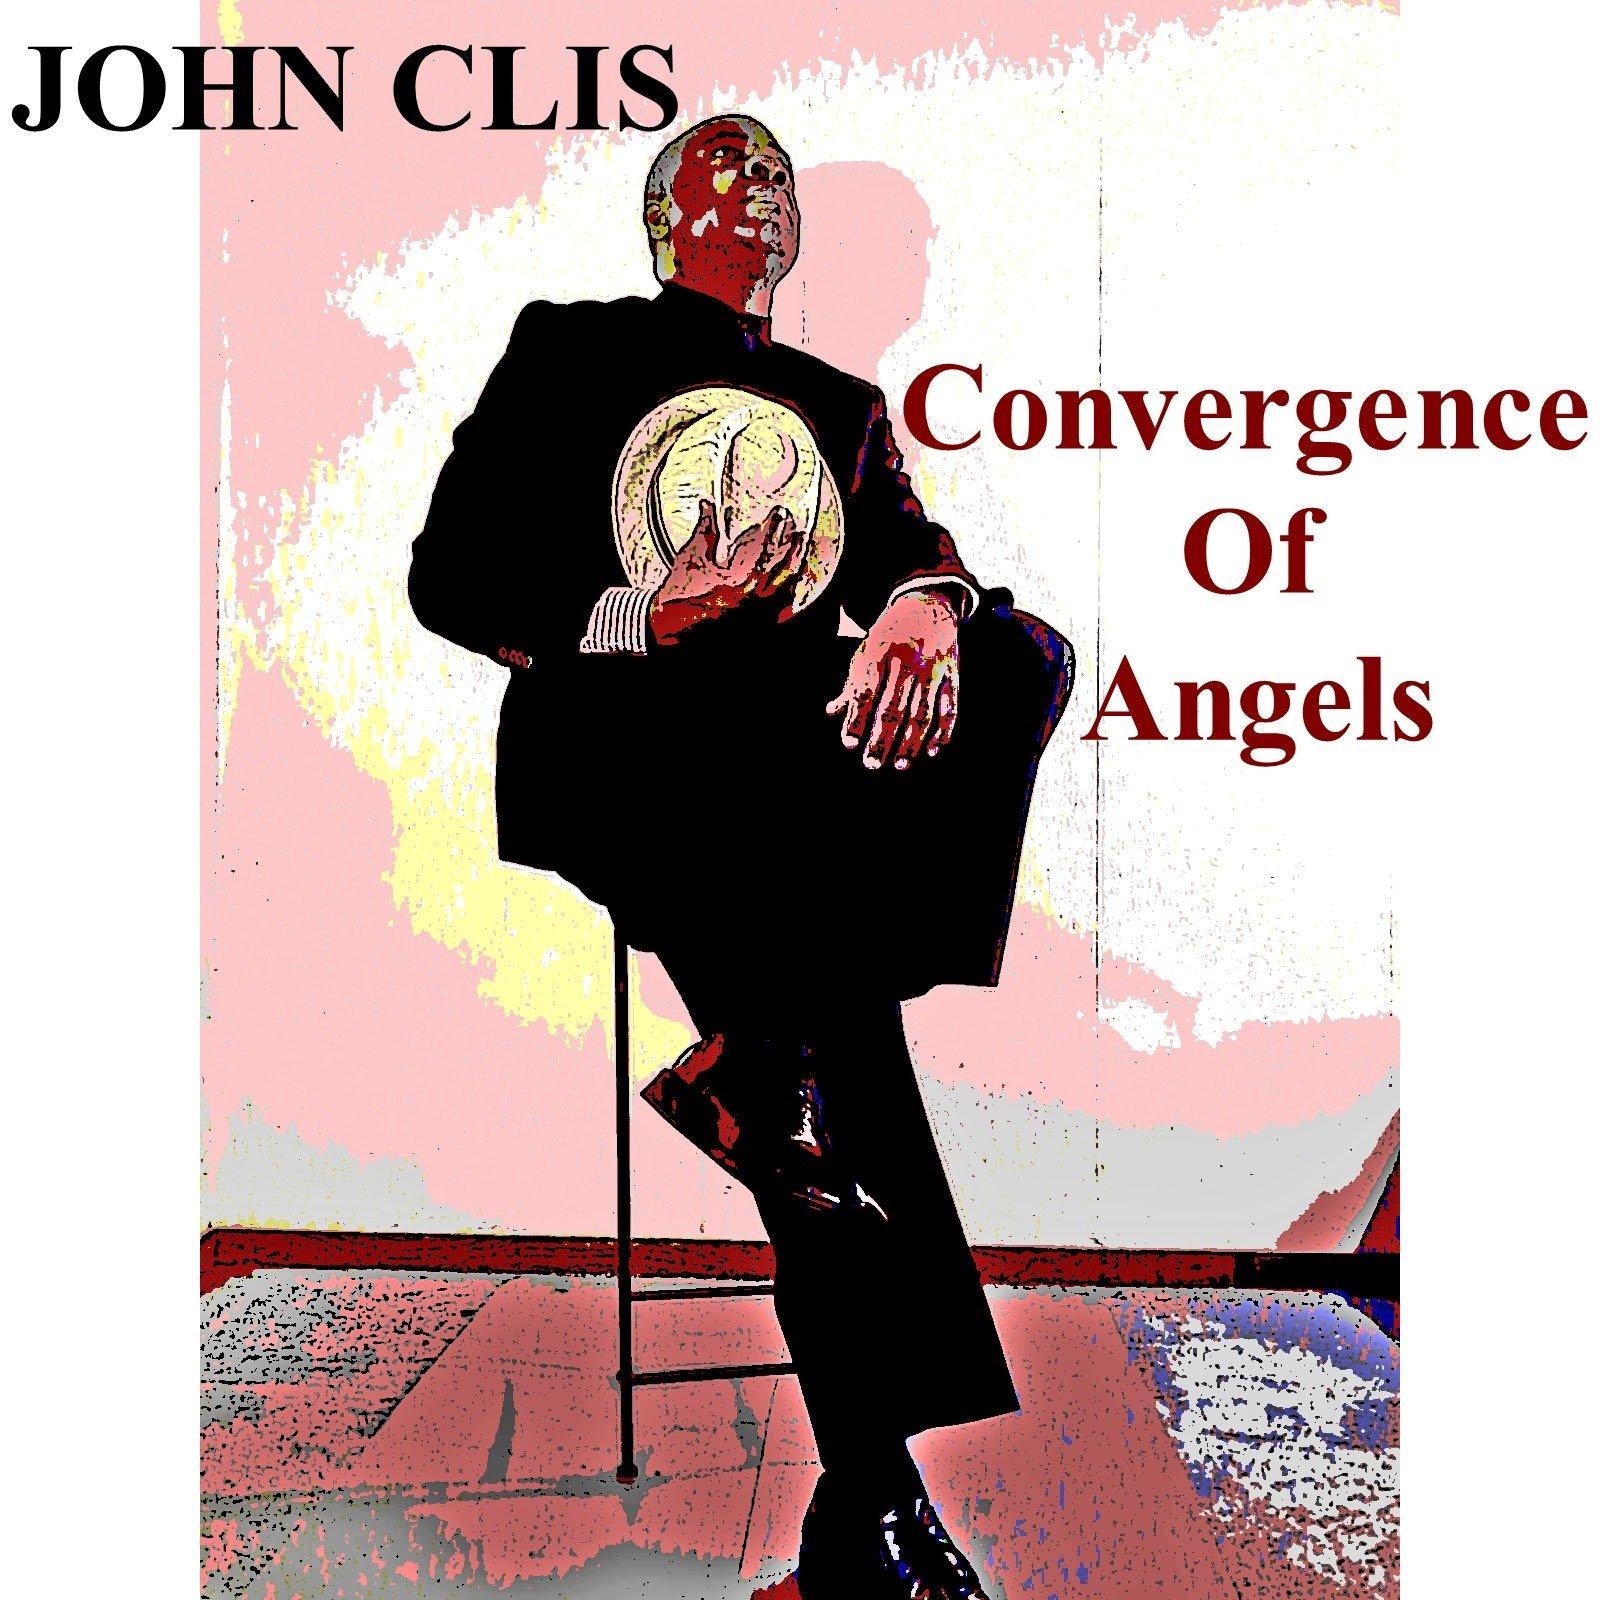 https://0201.nccdn.net/4_2/000/000/024/ec9/John-Clis---Convergence-Of-Angels---Picture-1-1600x1600.jpg